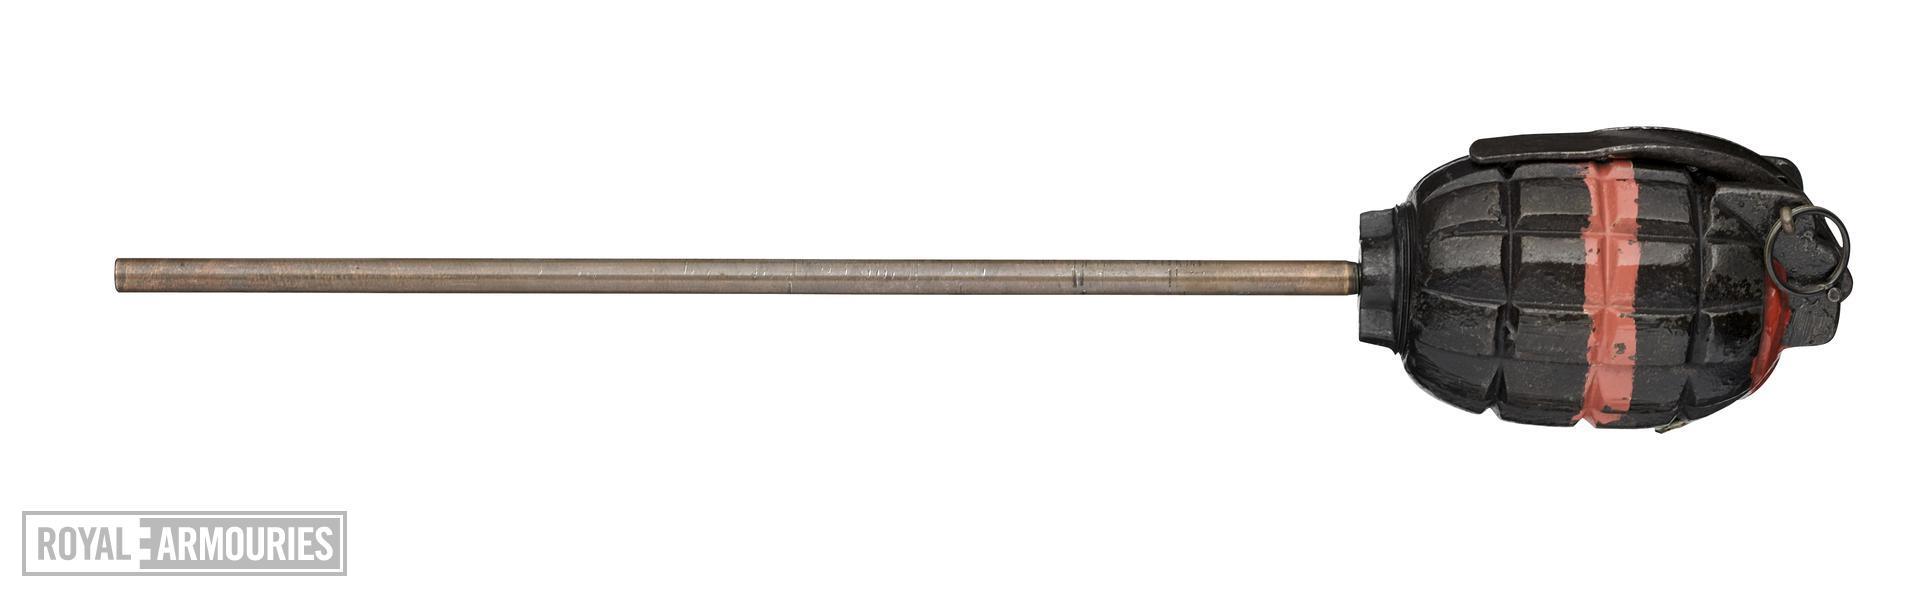 Centrefire bolt-action rifle - SMLE Mk.III*